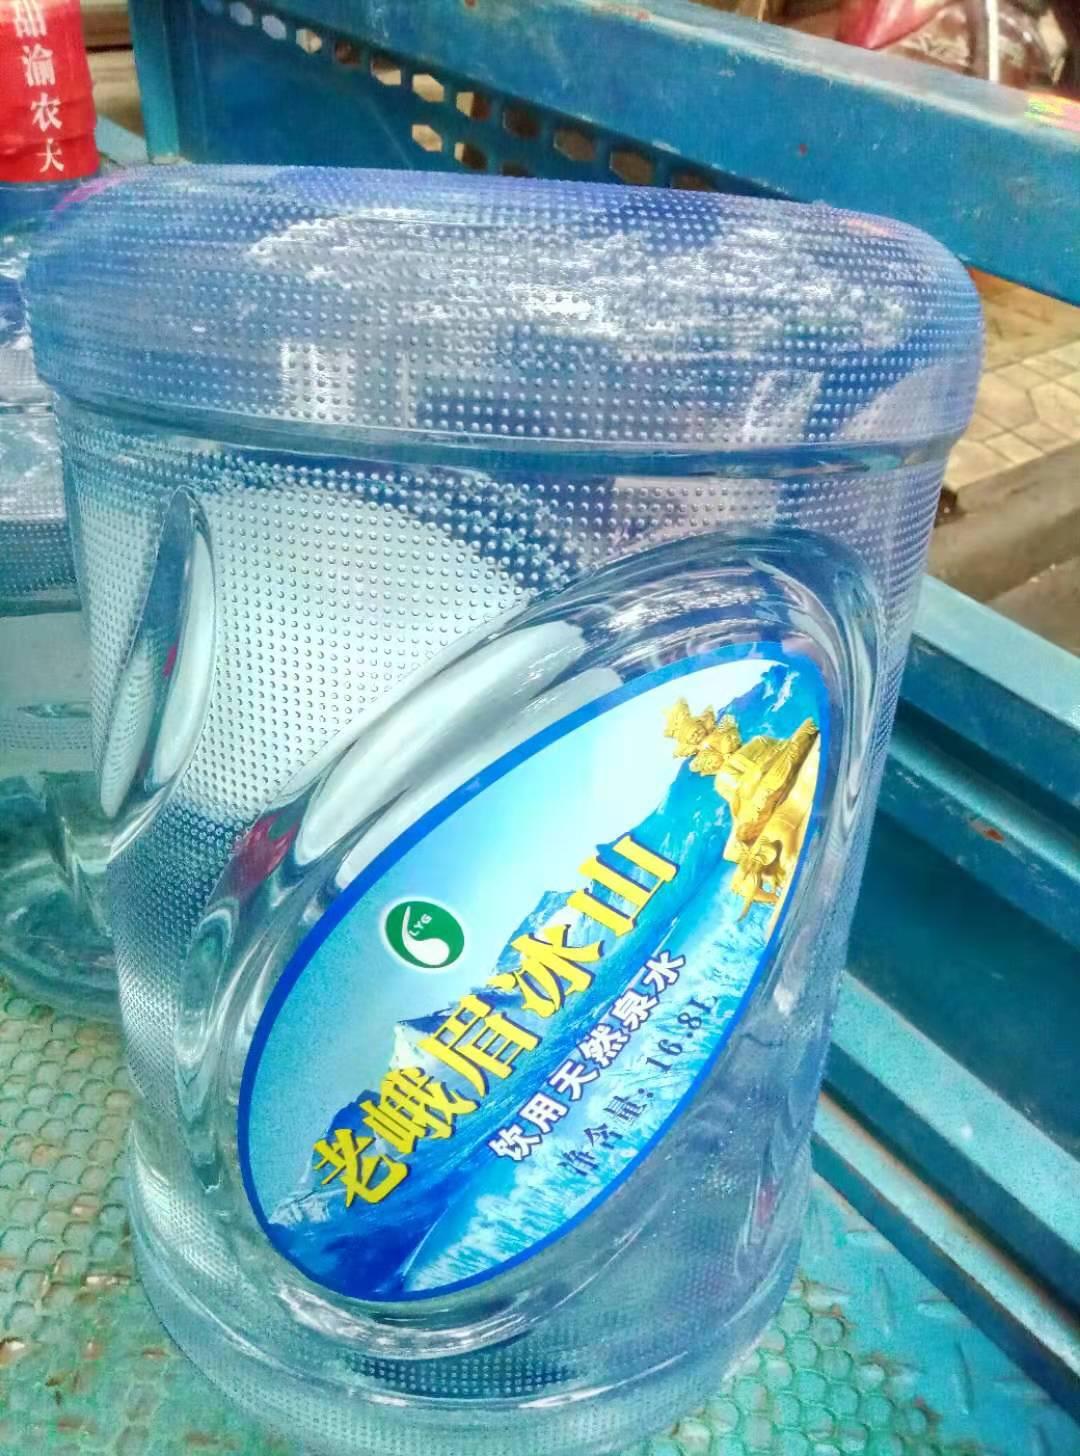 鄞州区桶装水配送是您健康的保障